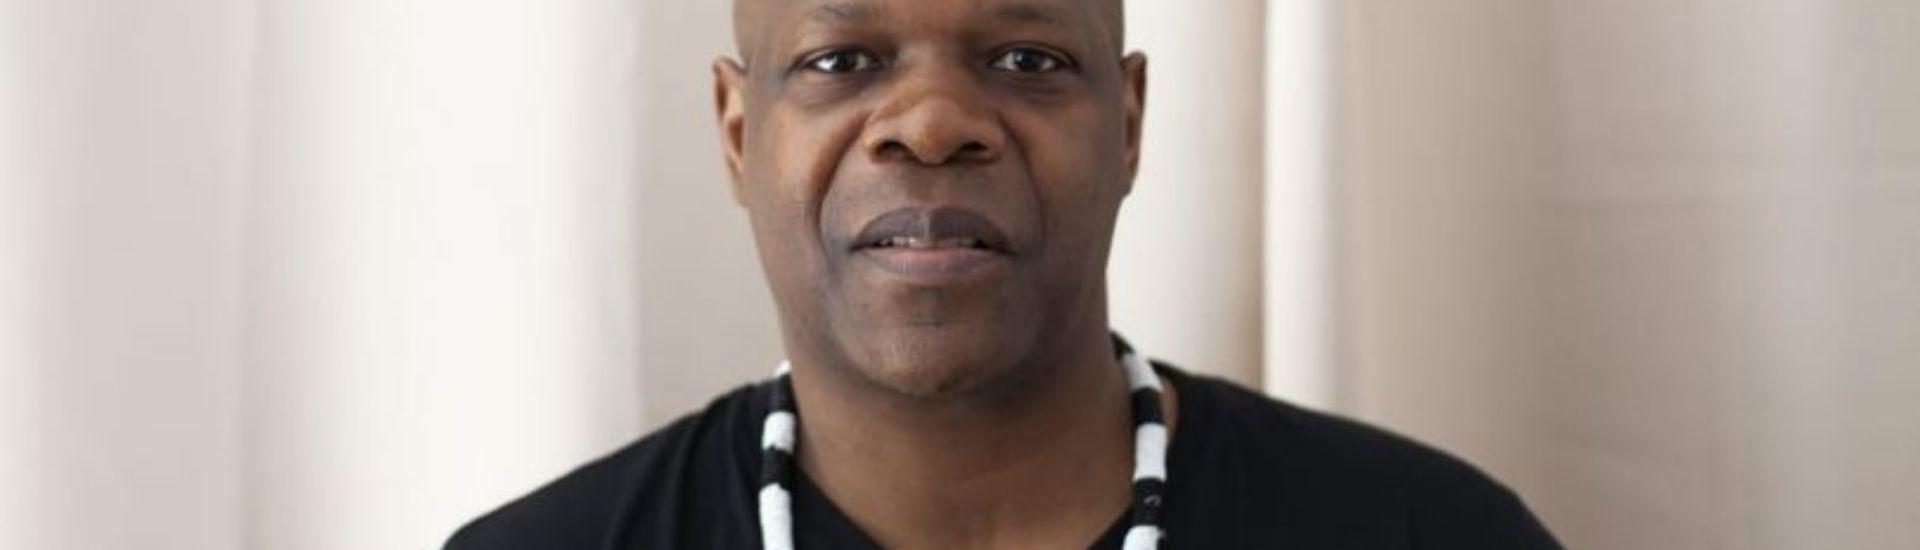 Amobe Mevegue (1er octobre 1968 - 8 septembre 2021)